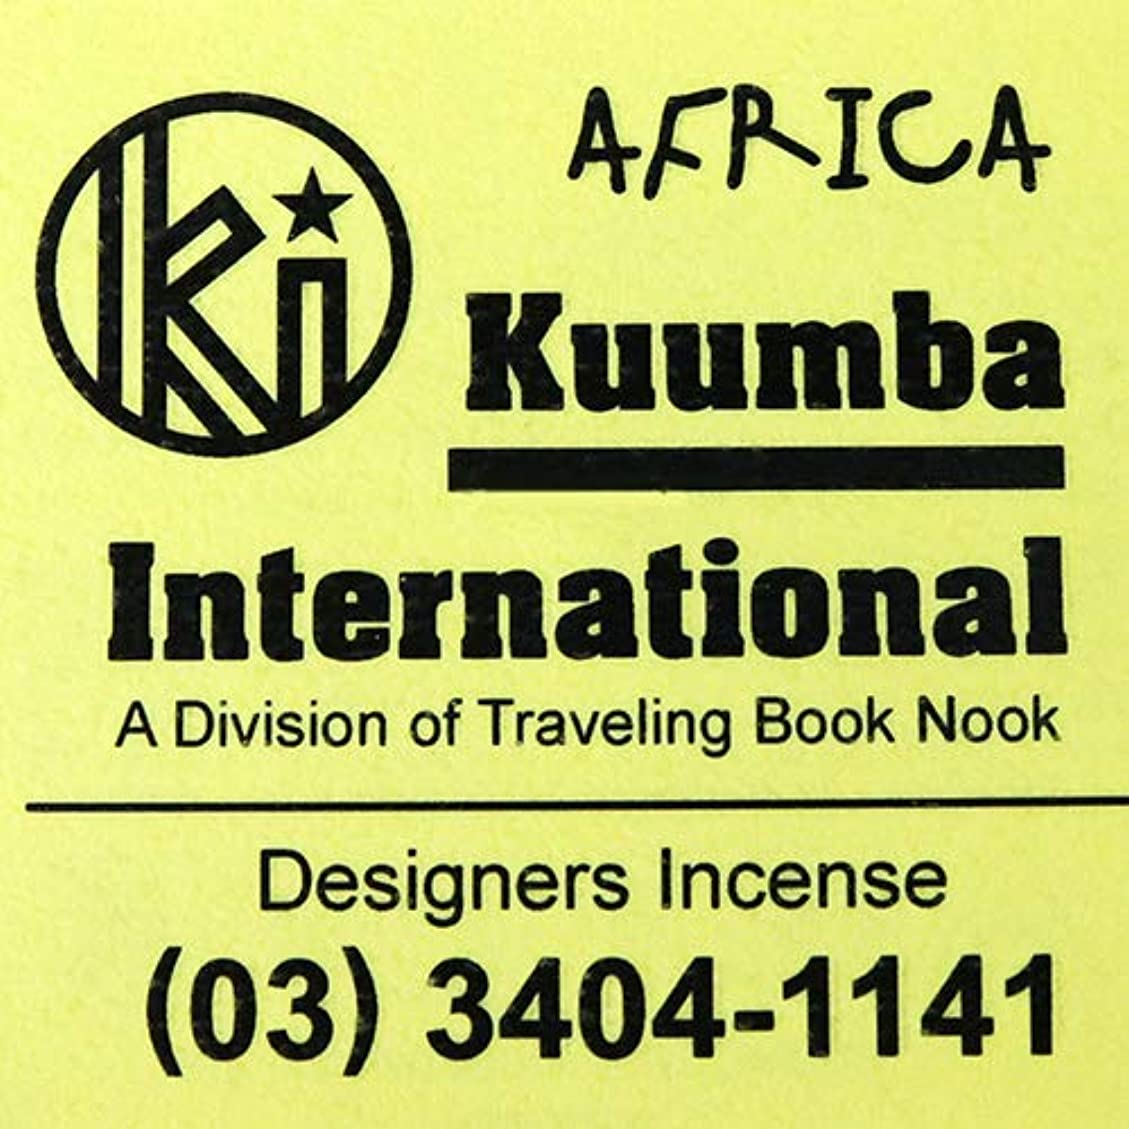 海峡ひもミュウミュウ方程式(クンバ) KUUMBA『incense』(AFRICA) (AFRICA, Regular size)